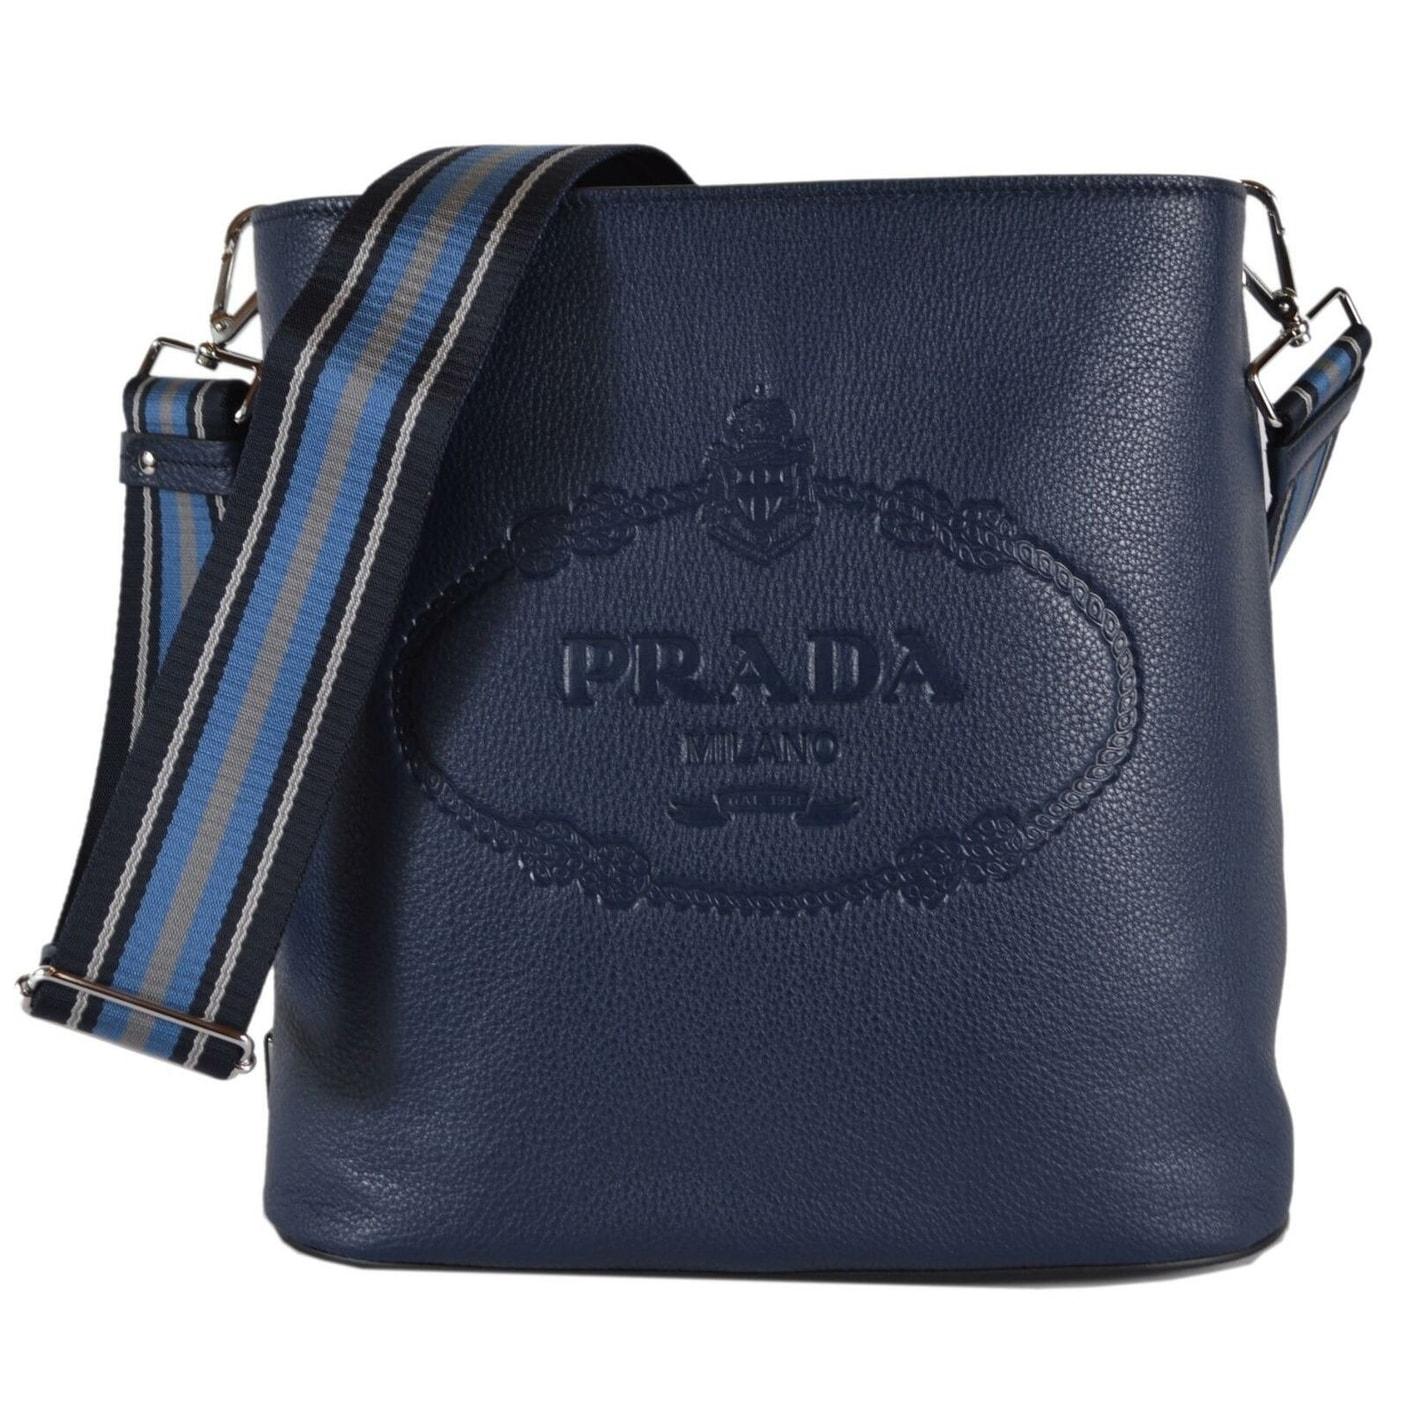 5cdc82aa1495 Prada 1BE023 Vitello Secchiello Blue Leather Embossed Logo Crossbody Purse